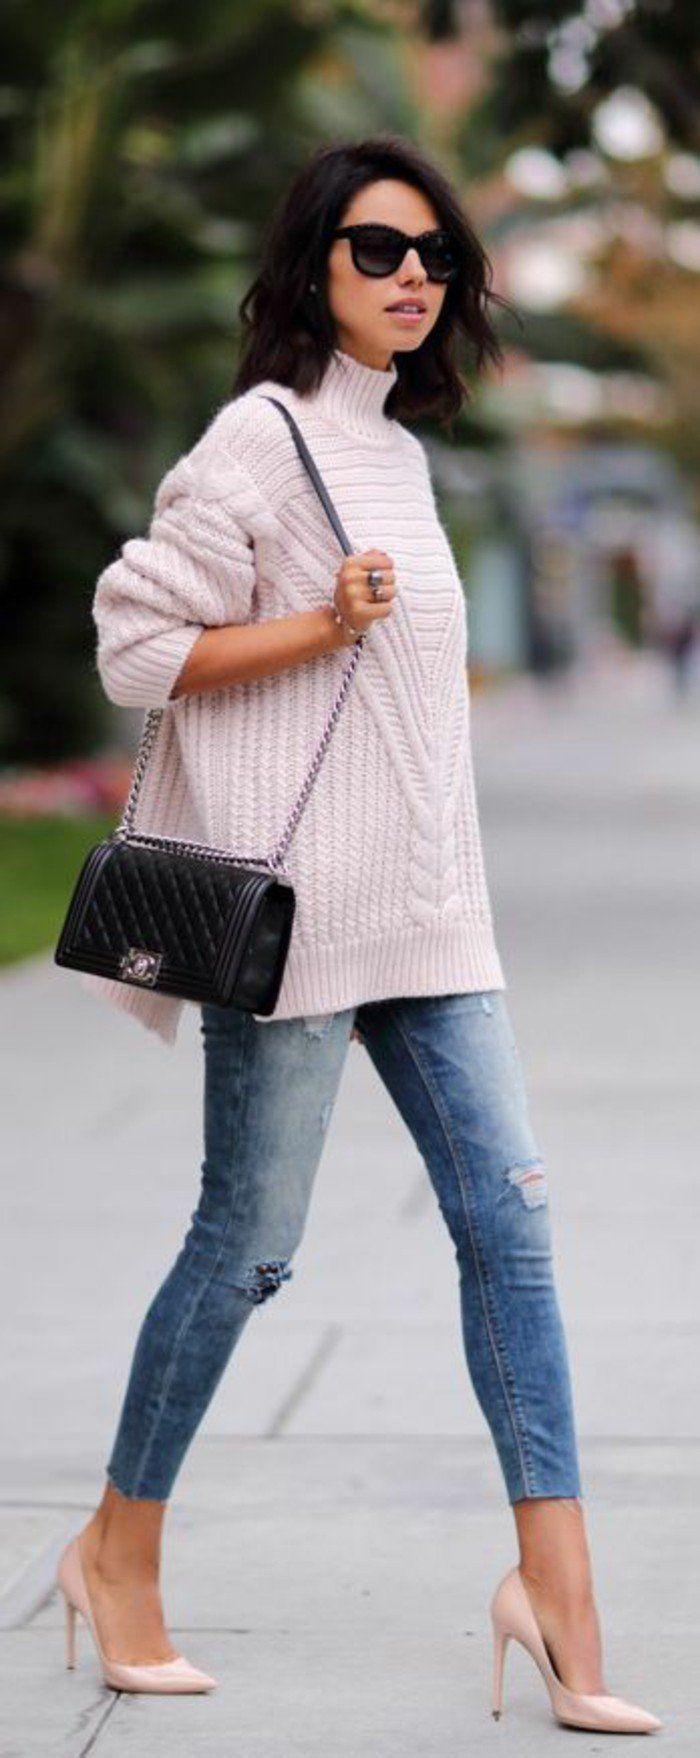 tenue élégante, mode de la rue, pull en laine rose pâle